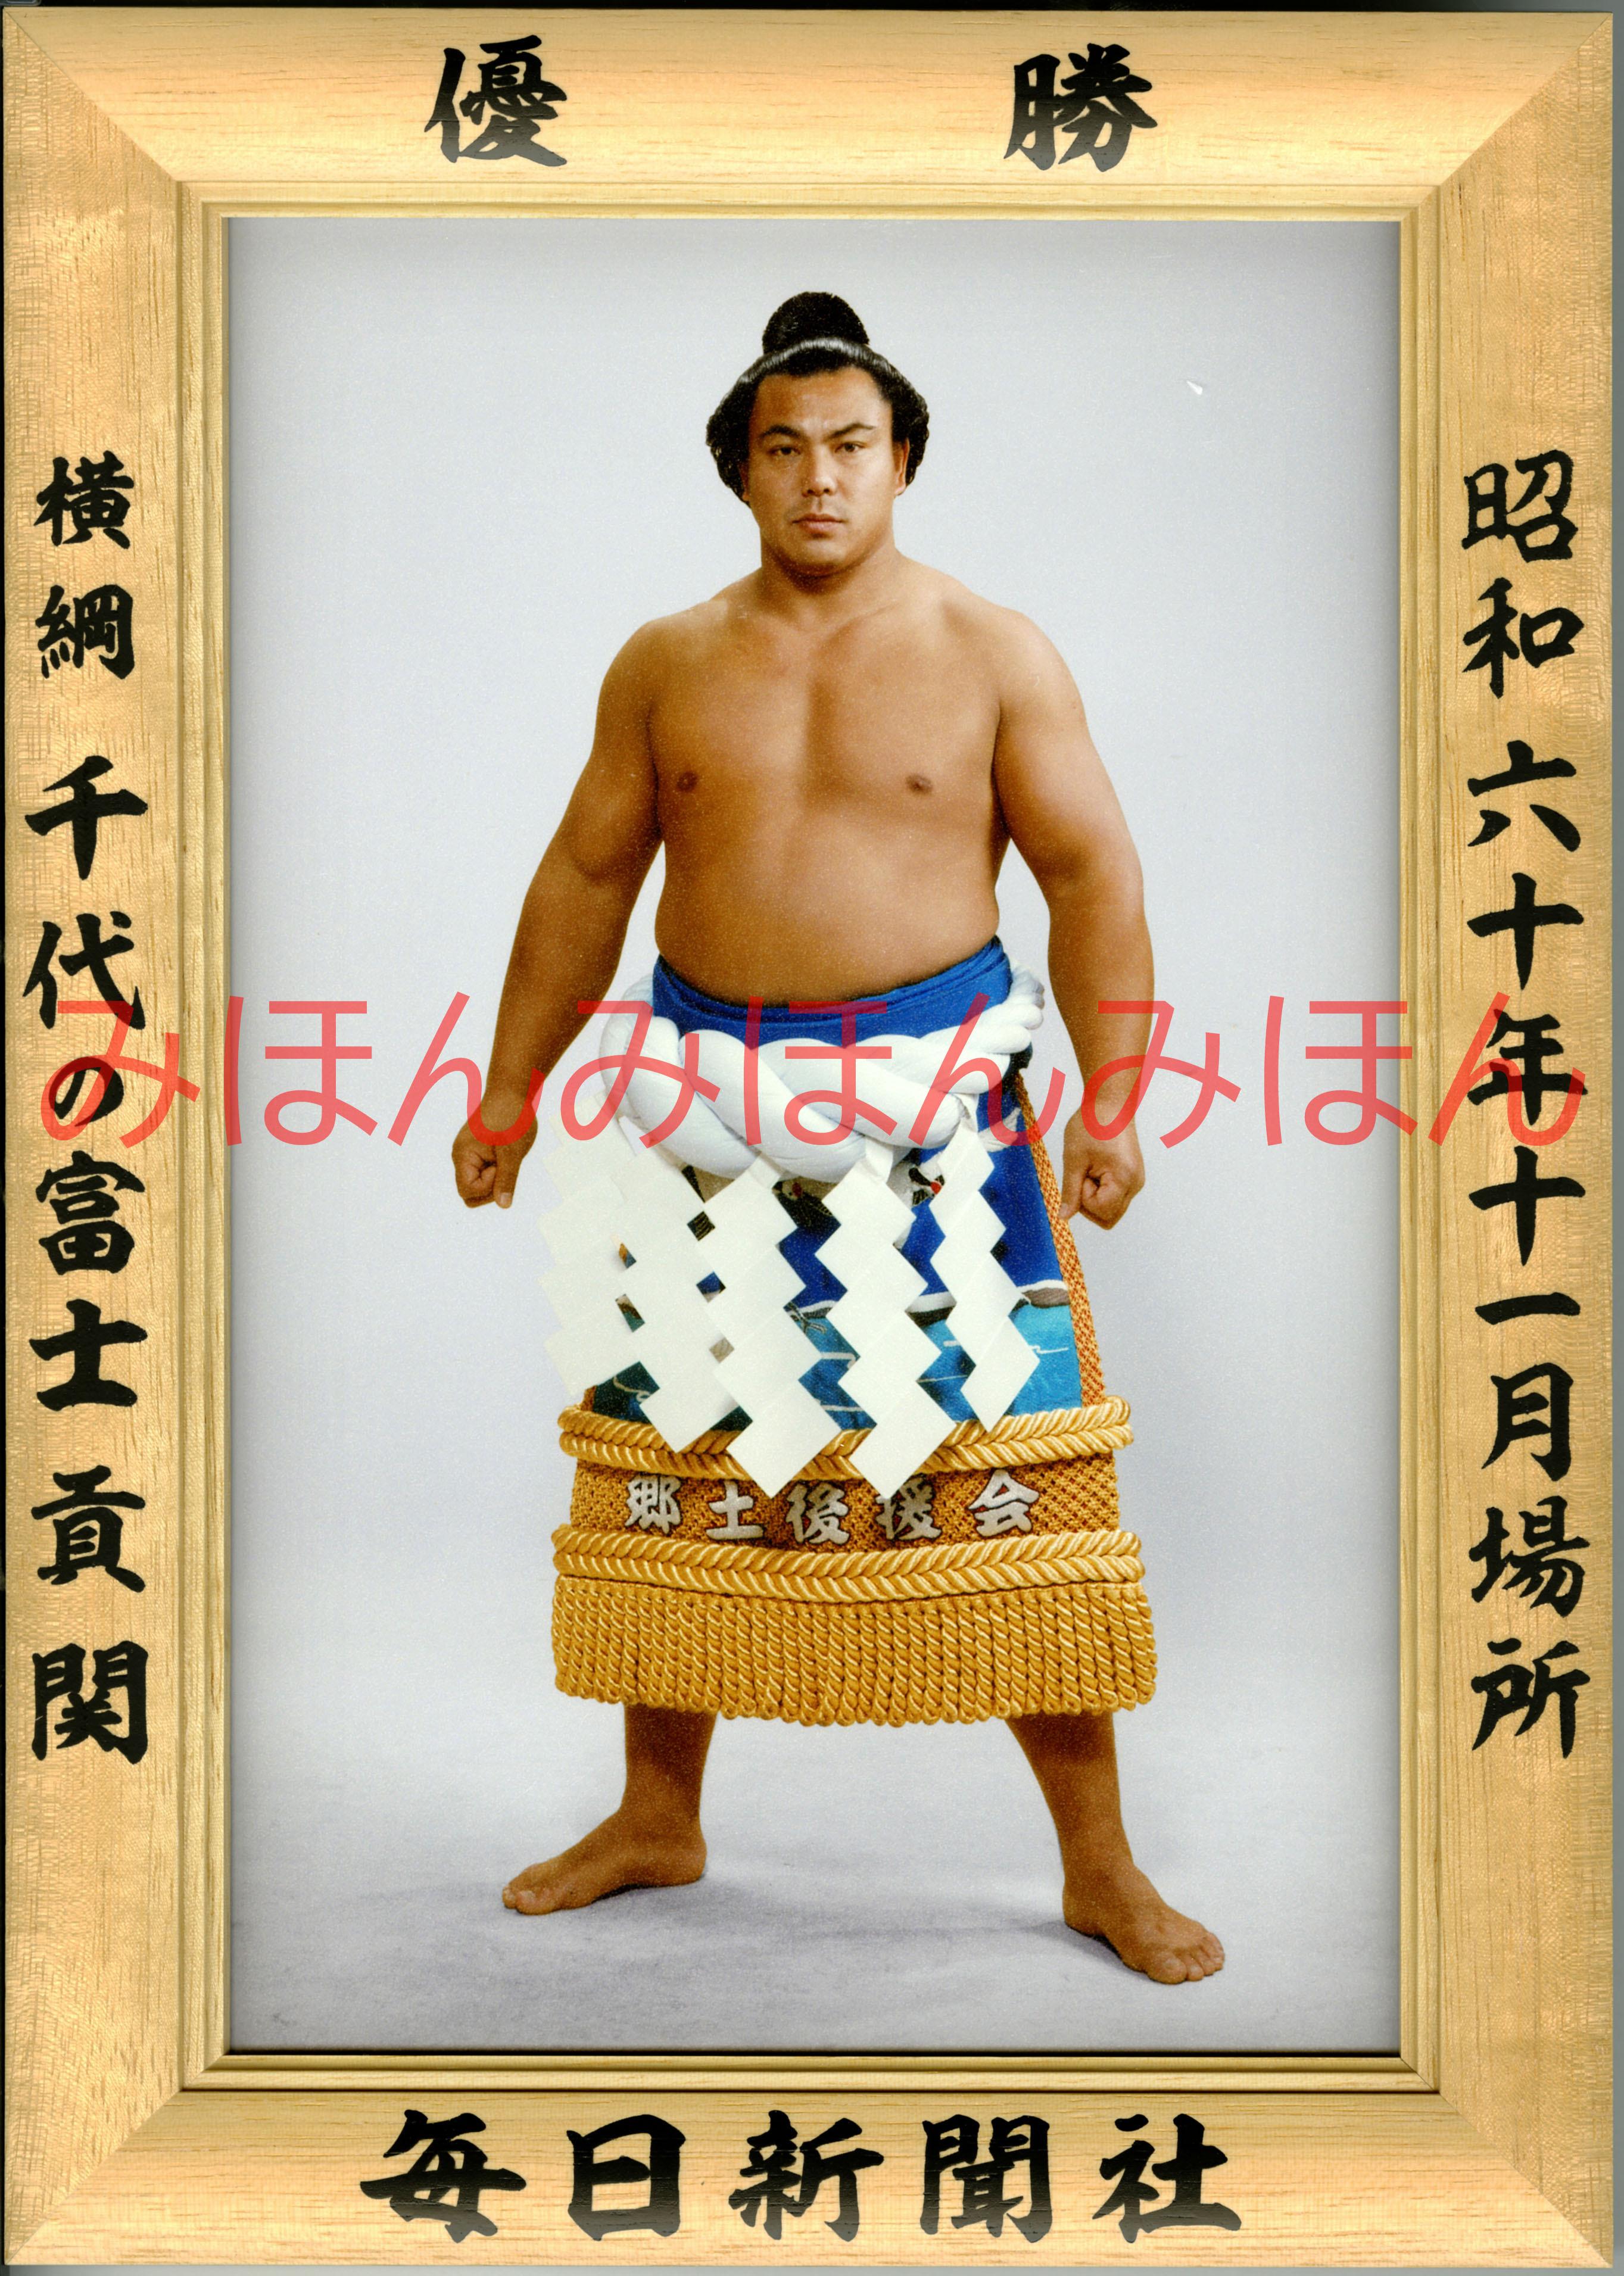 昭和60年11月場所優勝 横綱 千代の富士貢関(14回目の優勝)